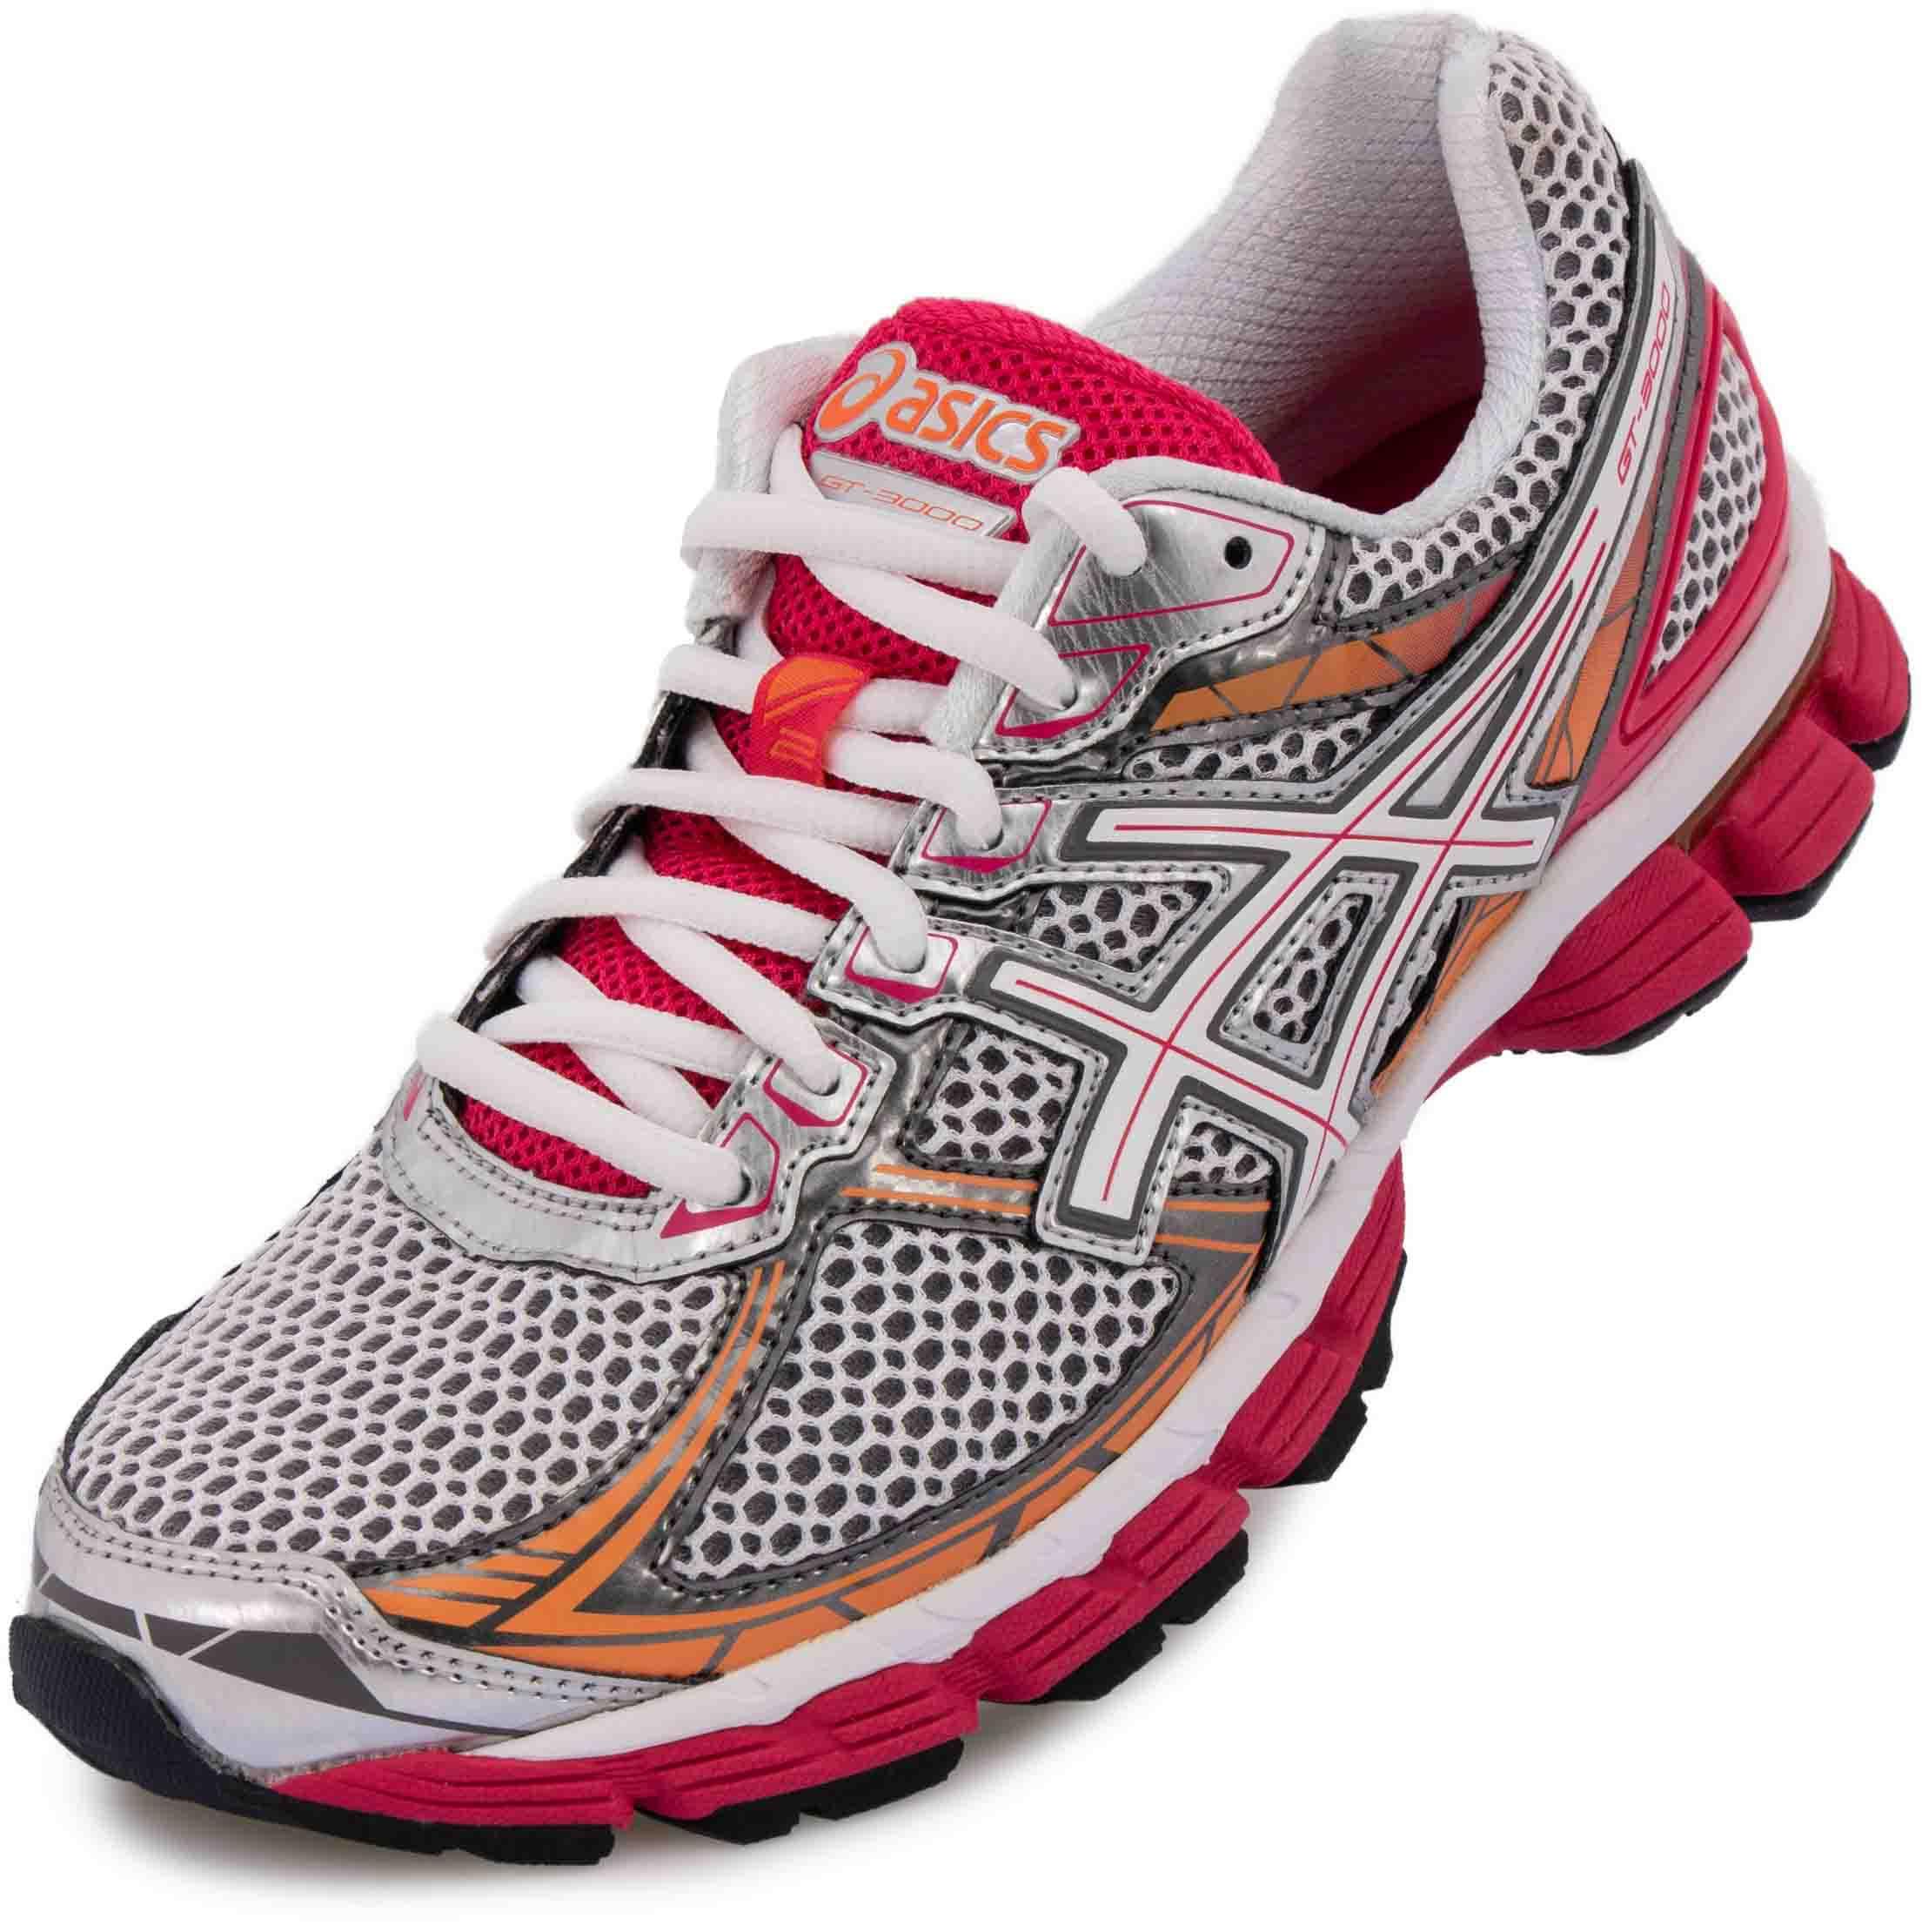 Dámská běžecká obuv Asics GT-3000 2